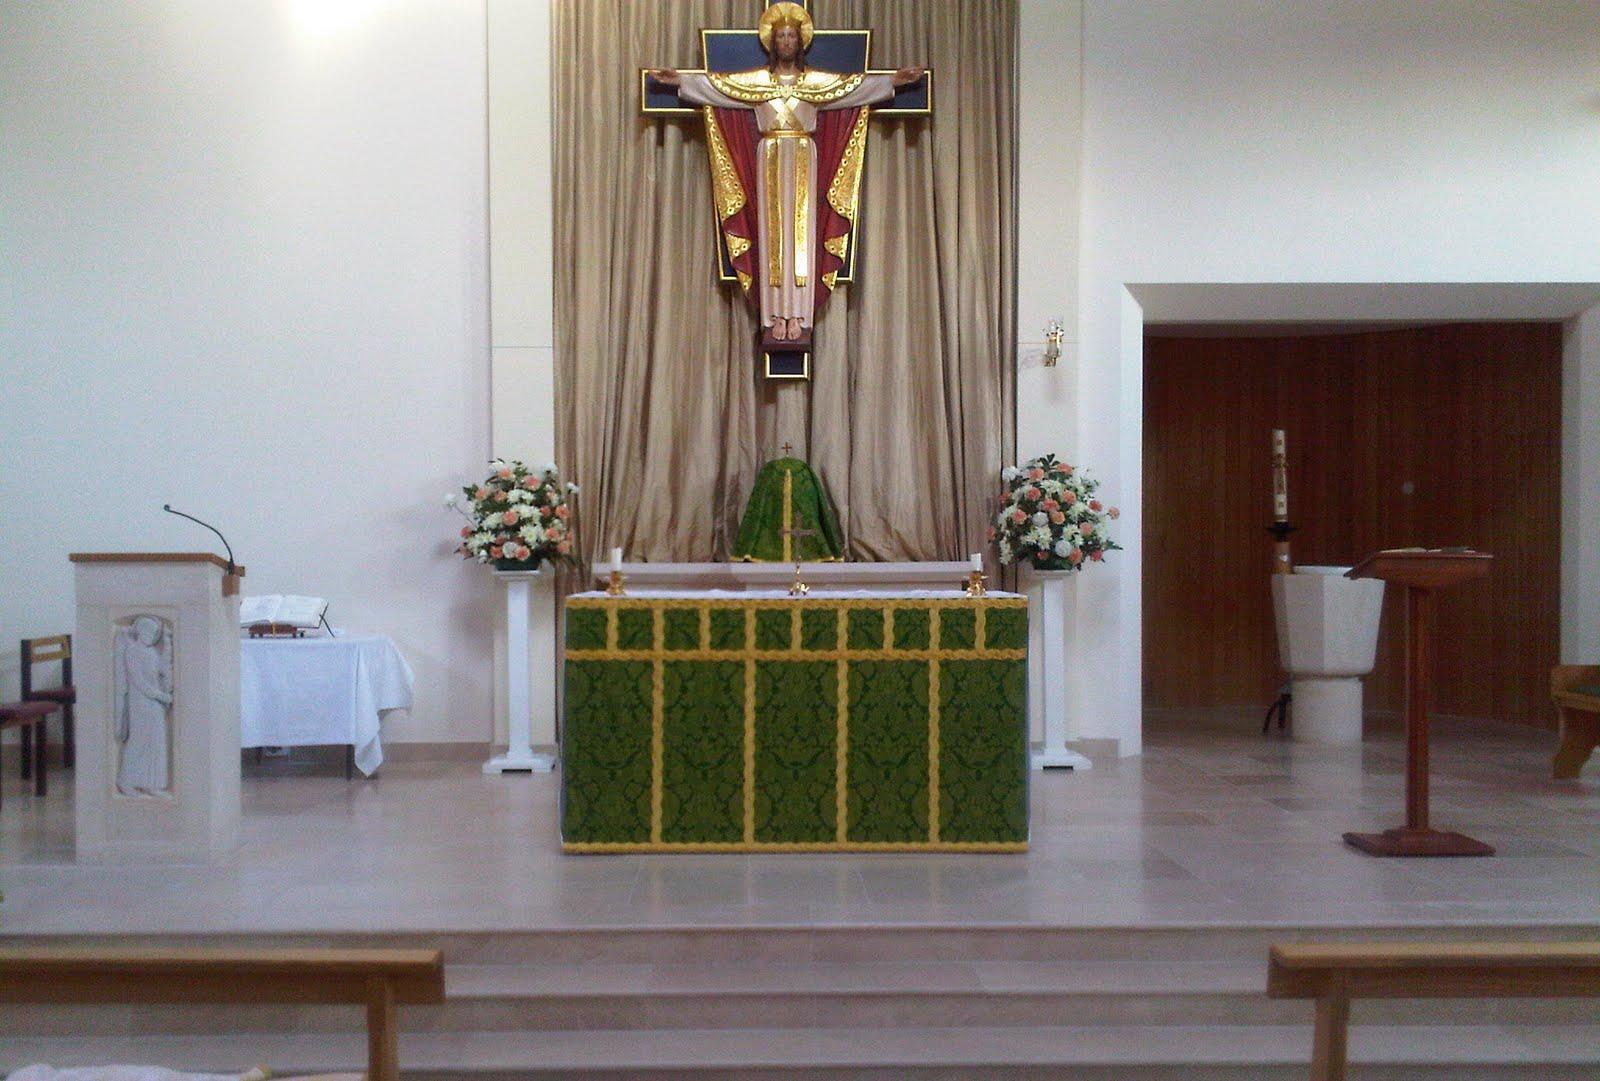 Fachada de igrejas modernas igreja do brasil igreja for Casa moderna a foligno